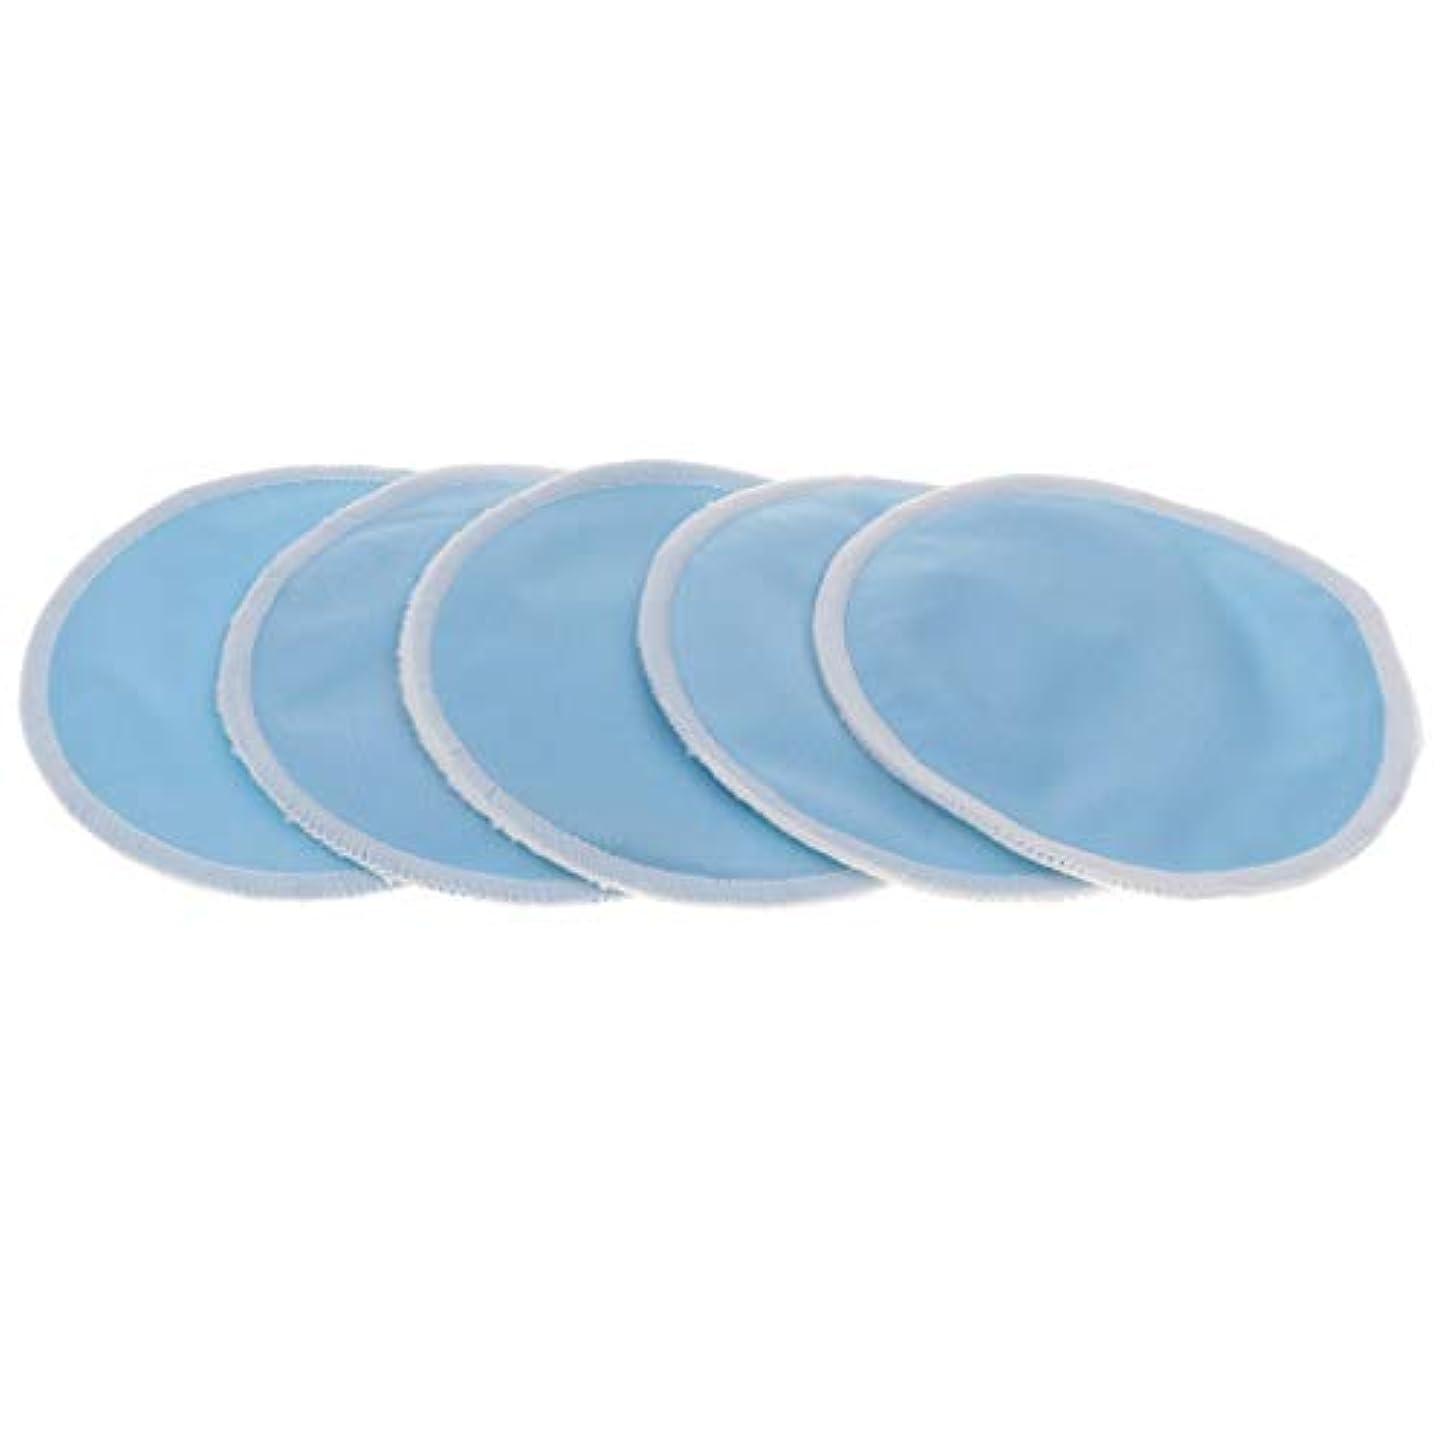 クッショントリクル主婦胸パッド クレンジングシート メイクアップ 竹繊維 円形 12cm 洗濯可能 再使用可 5個 全5色 - 青